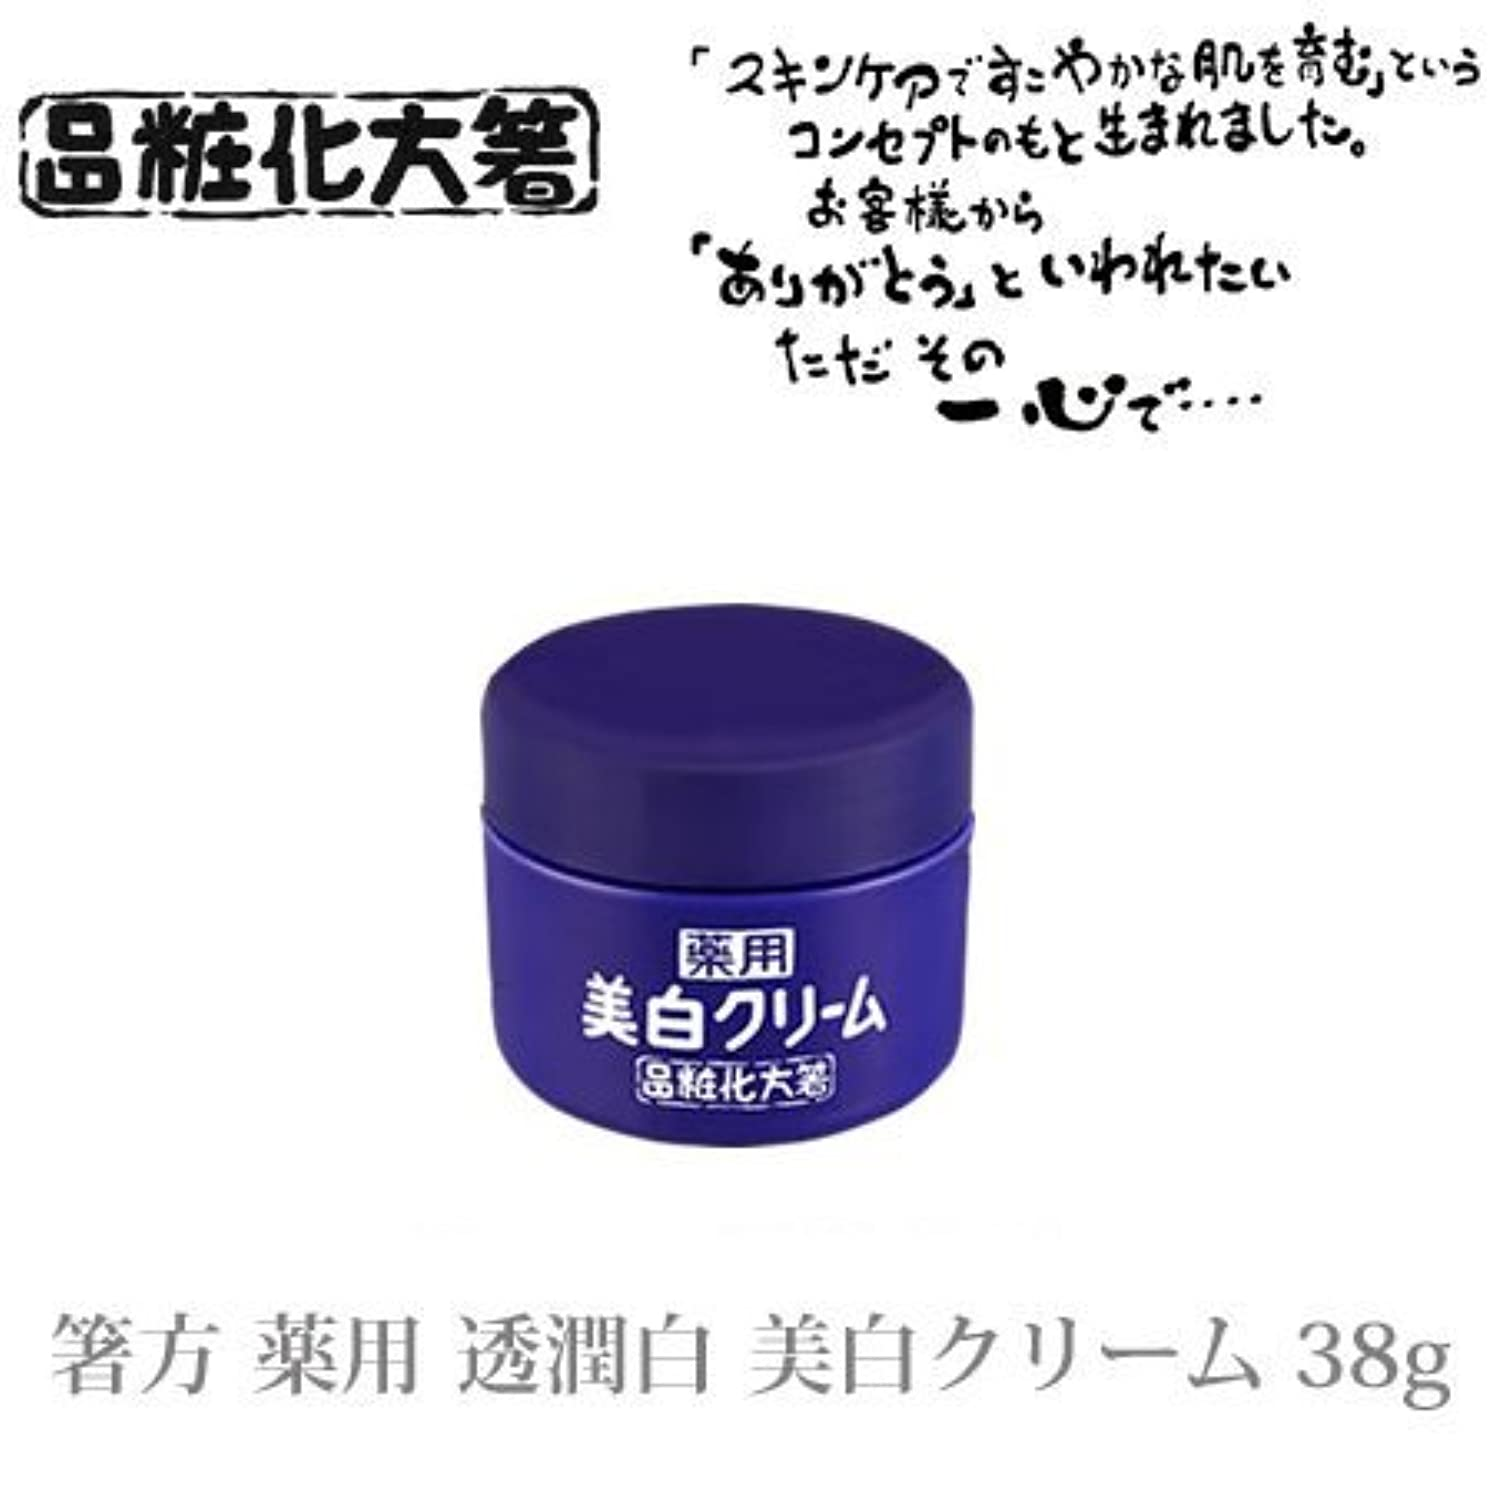 開発する集中価値箸方化粧品 薬用 透潤白 美白クリーム 38g はしかた化粧品